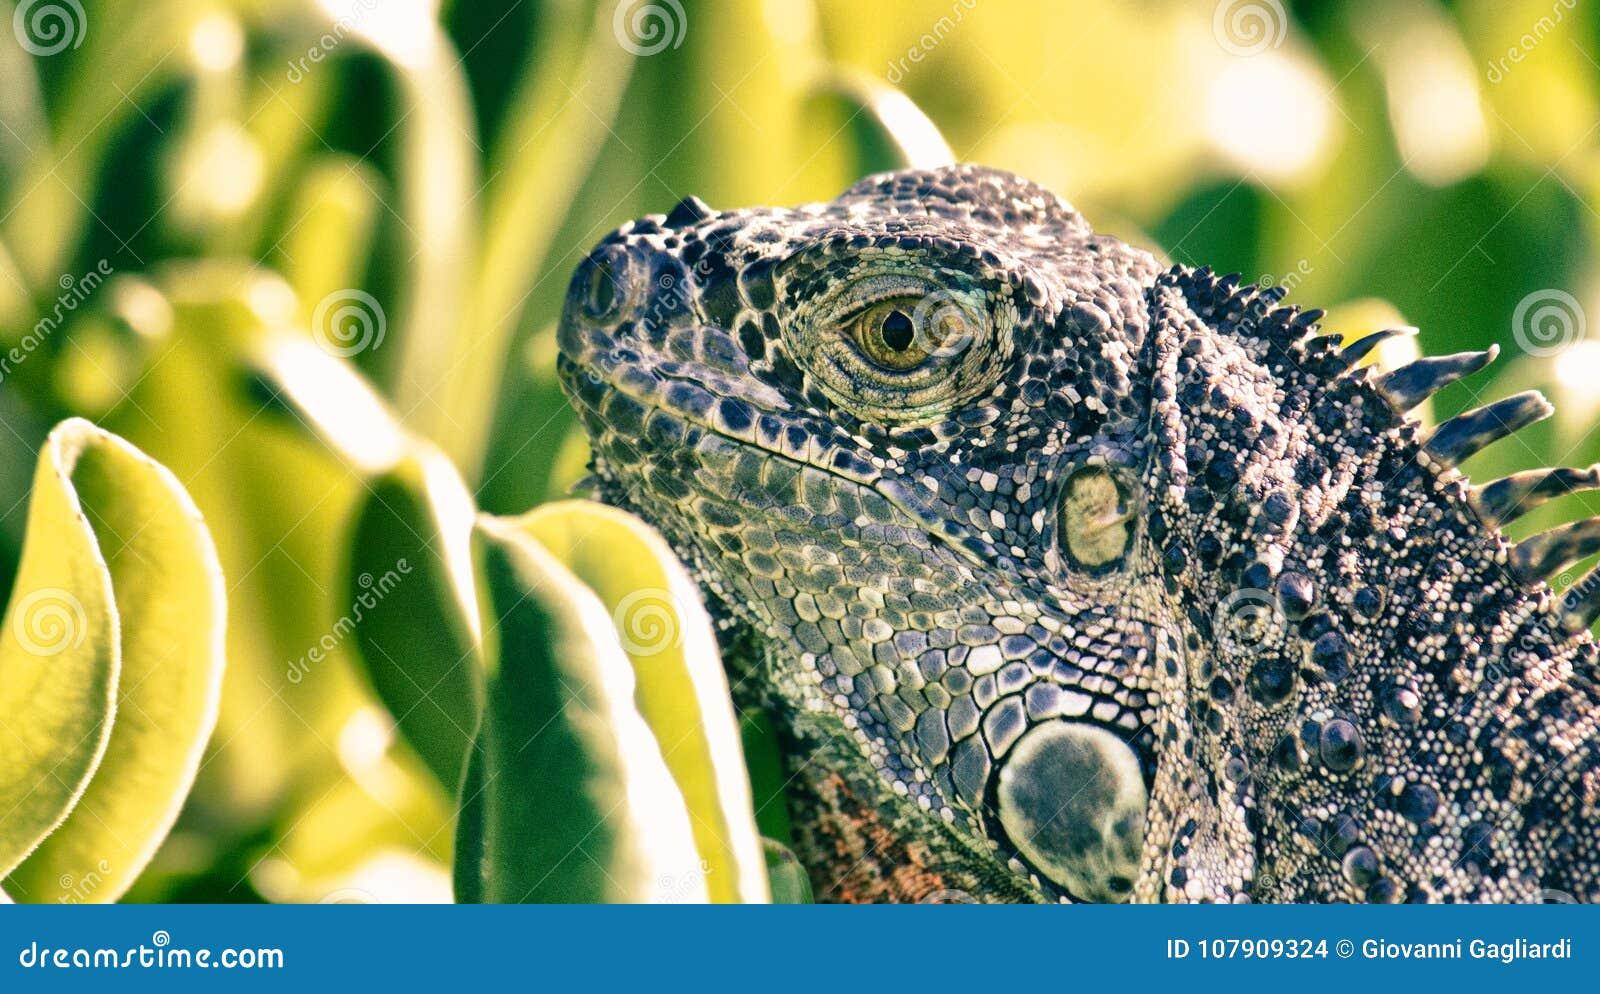 Iguana with Vegetation in Background